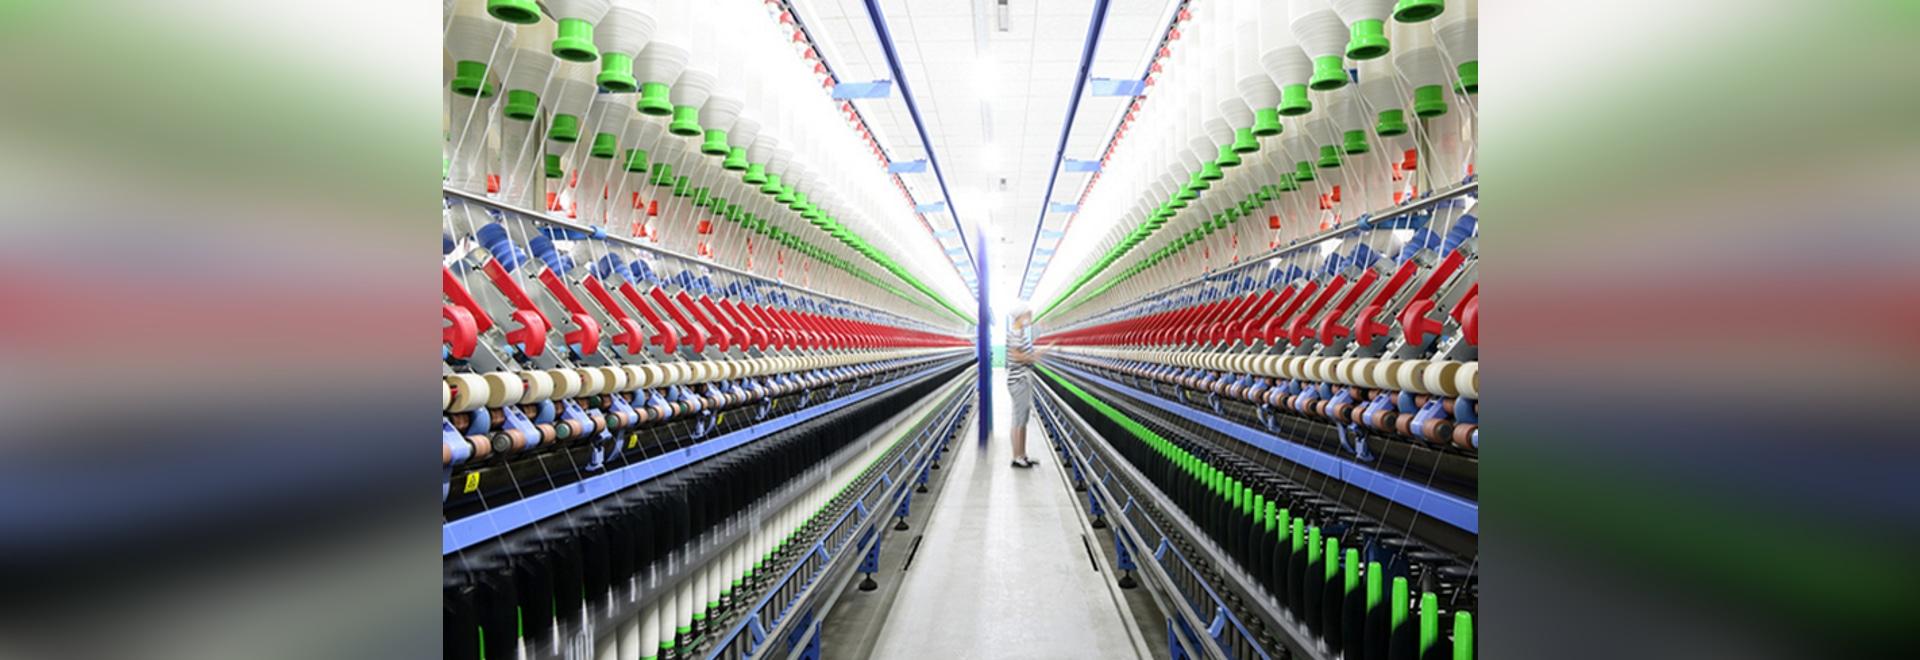 Solutions pour l'industrie textile